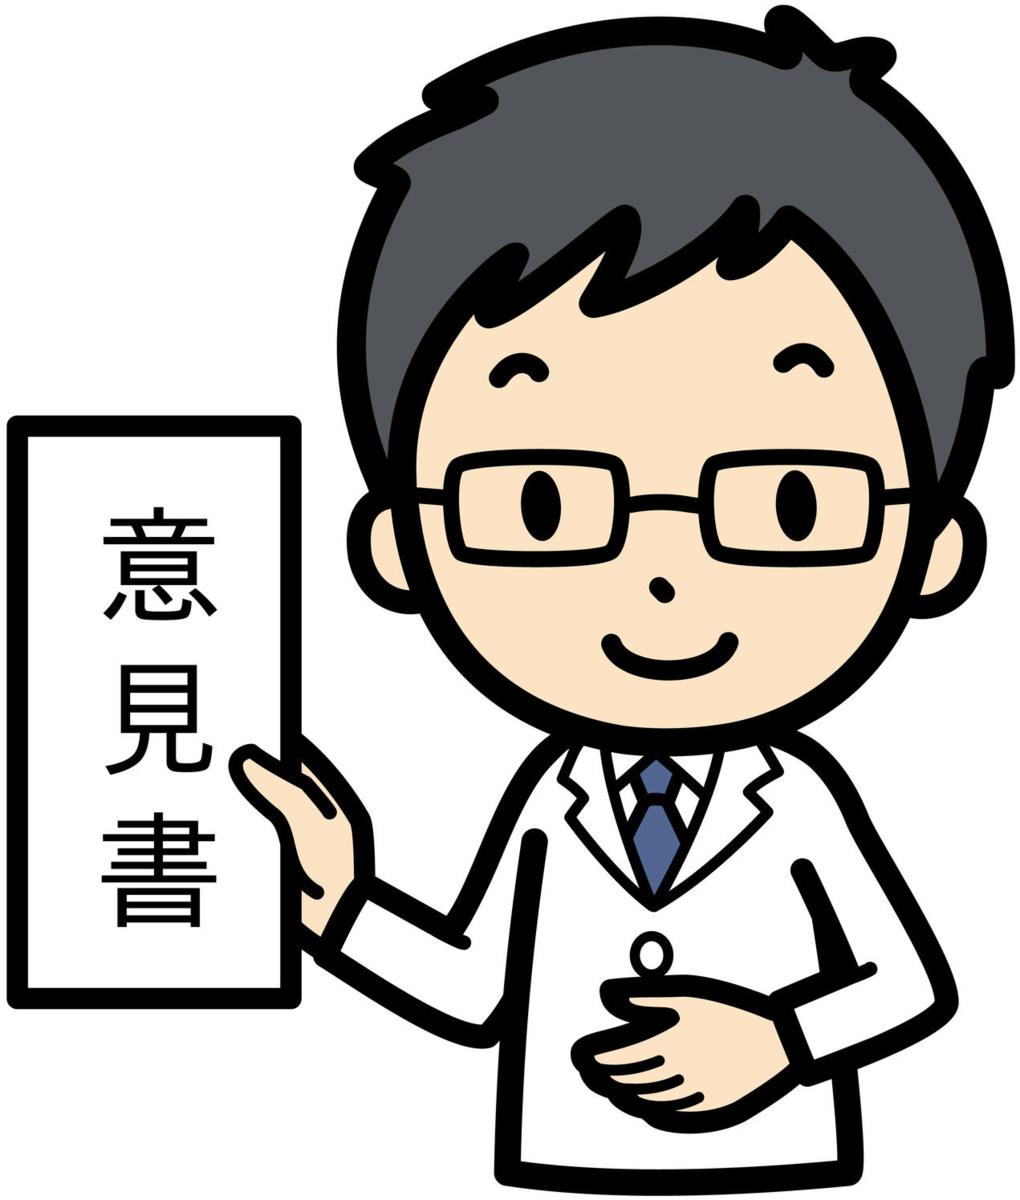 f:id:maple-enkyorikaigo:20210513211211p:plain